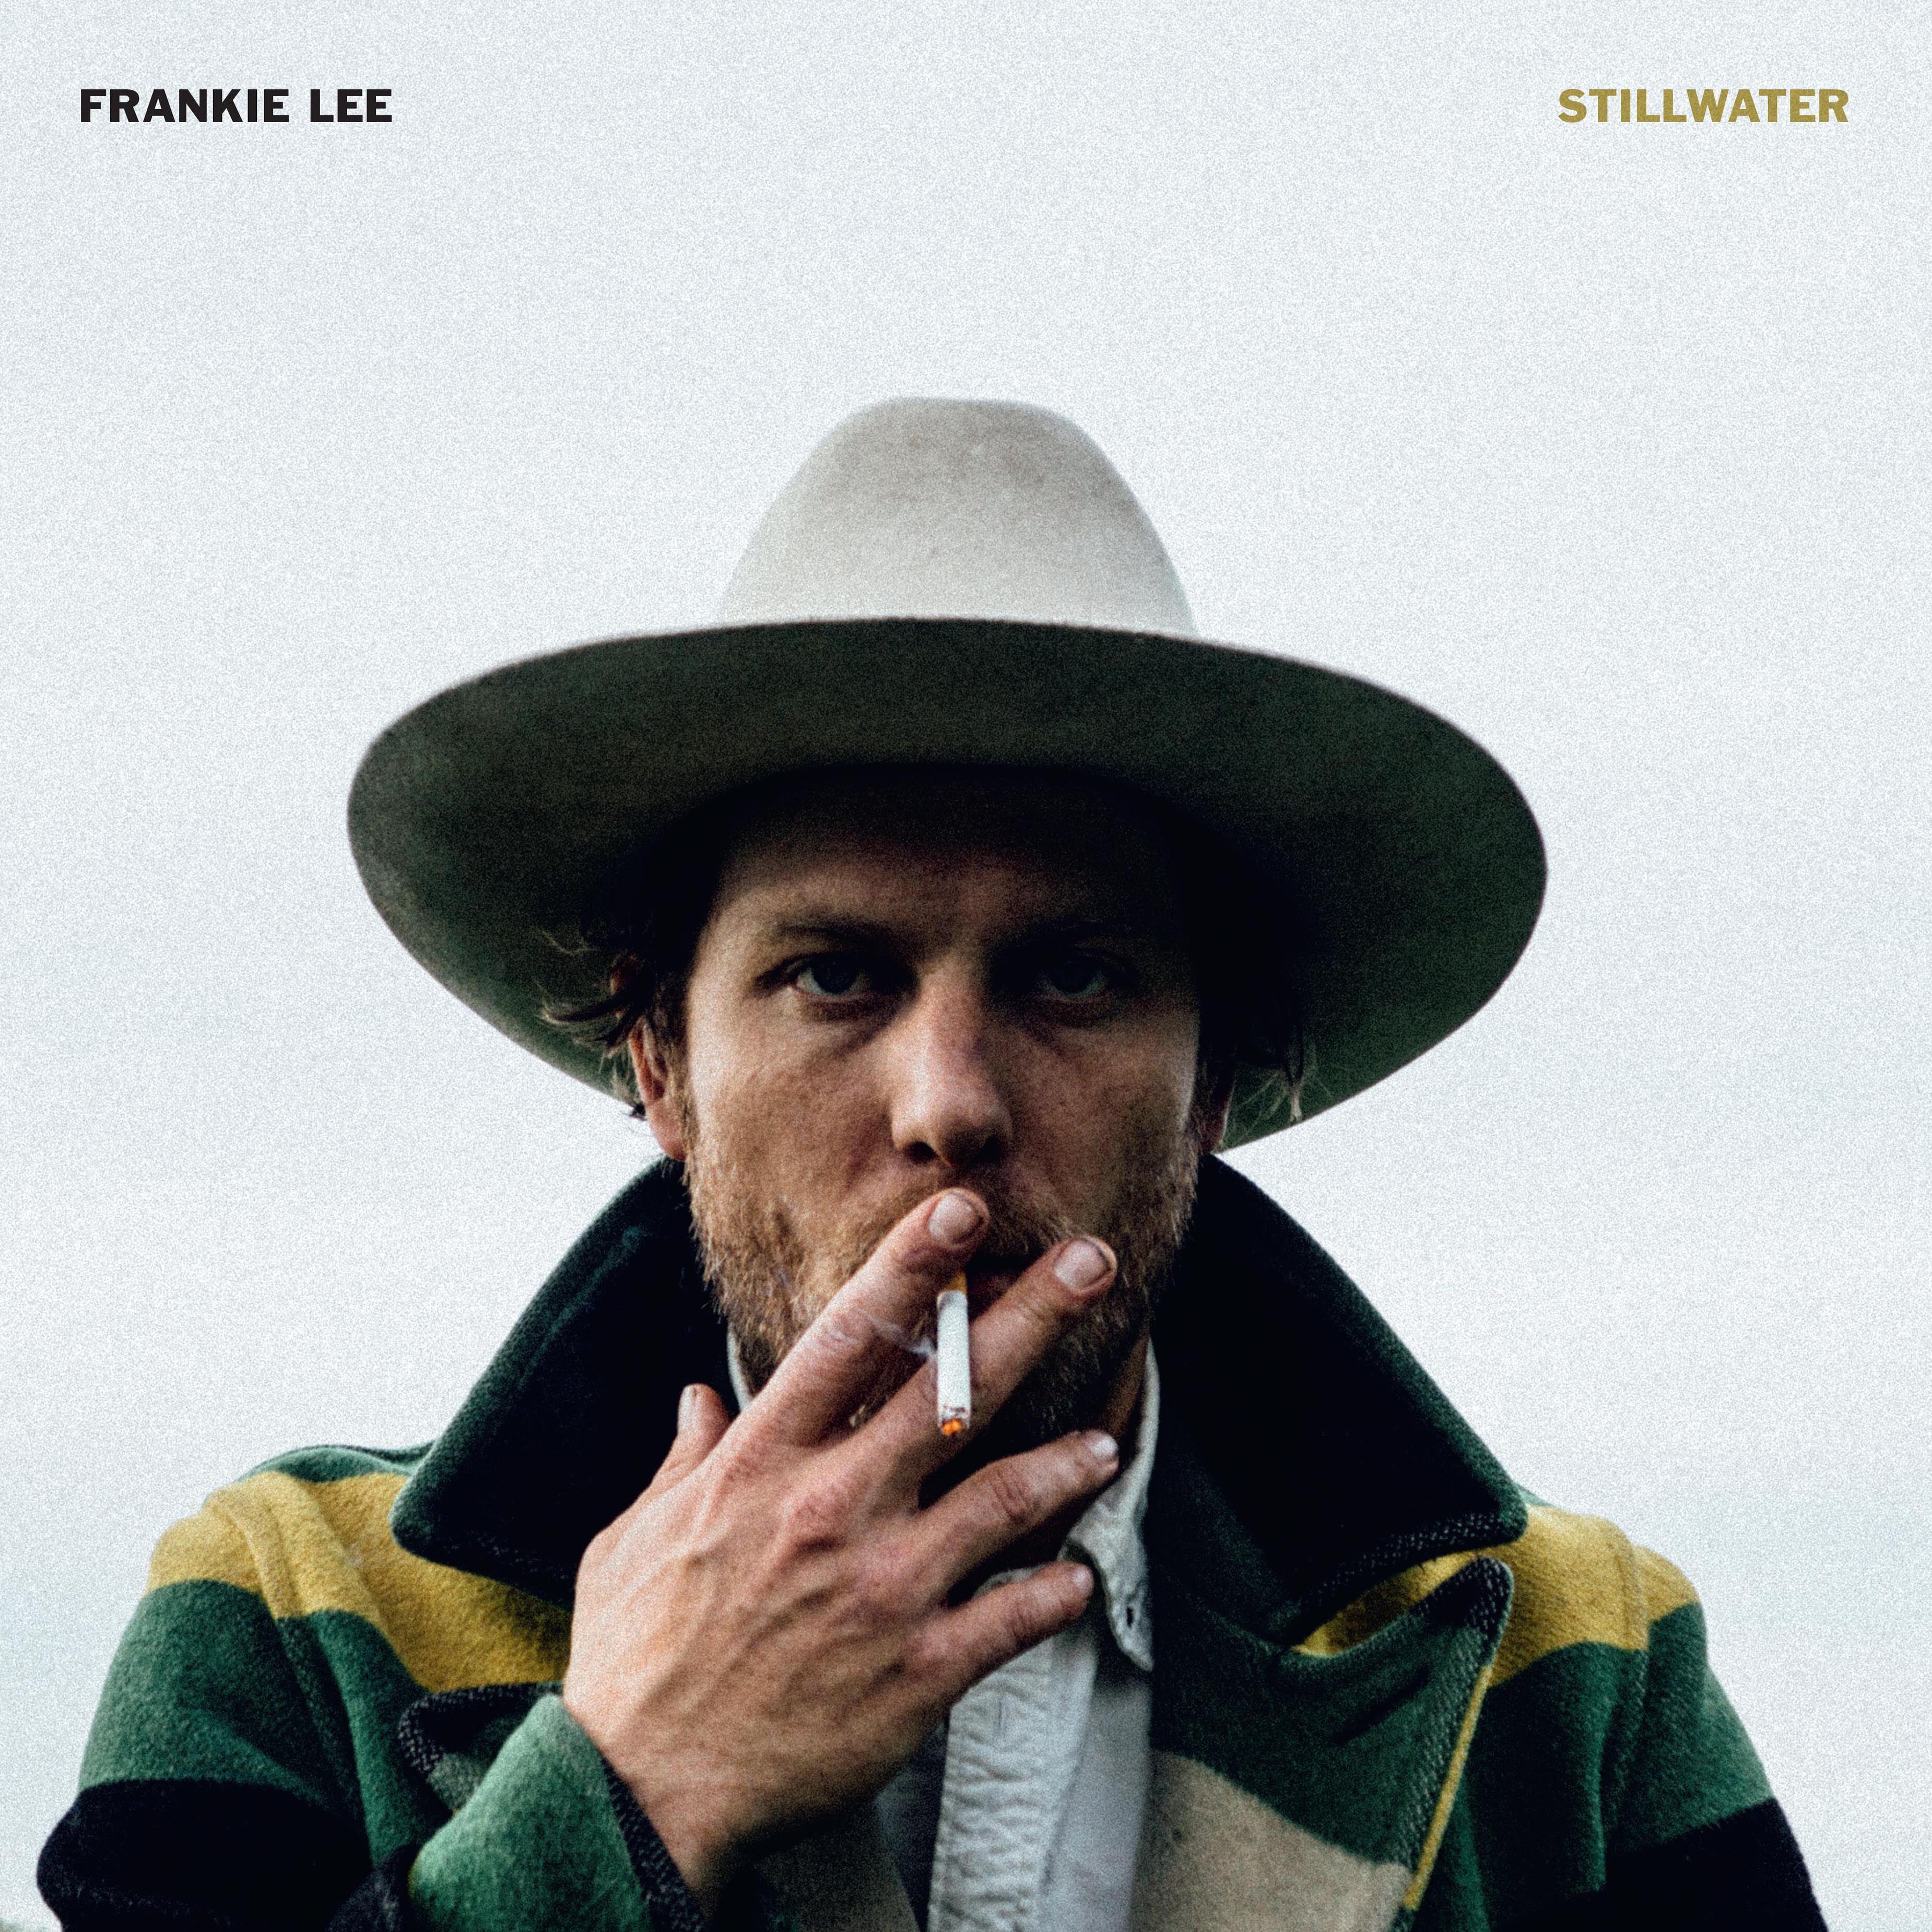 Frankie Lee [1]